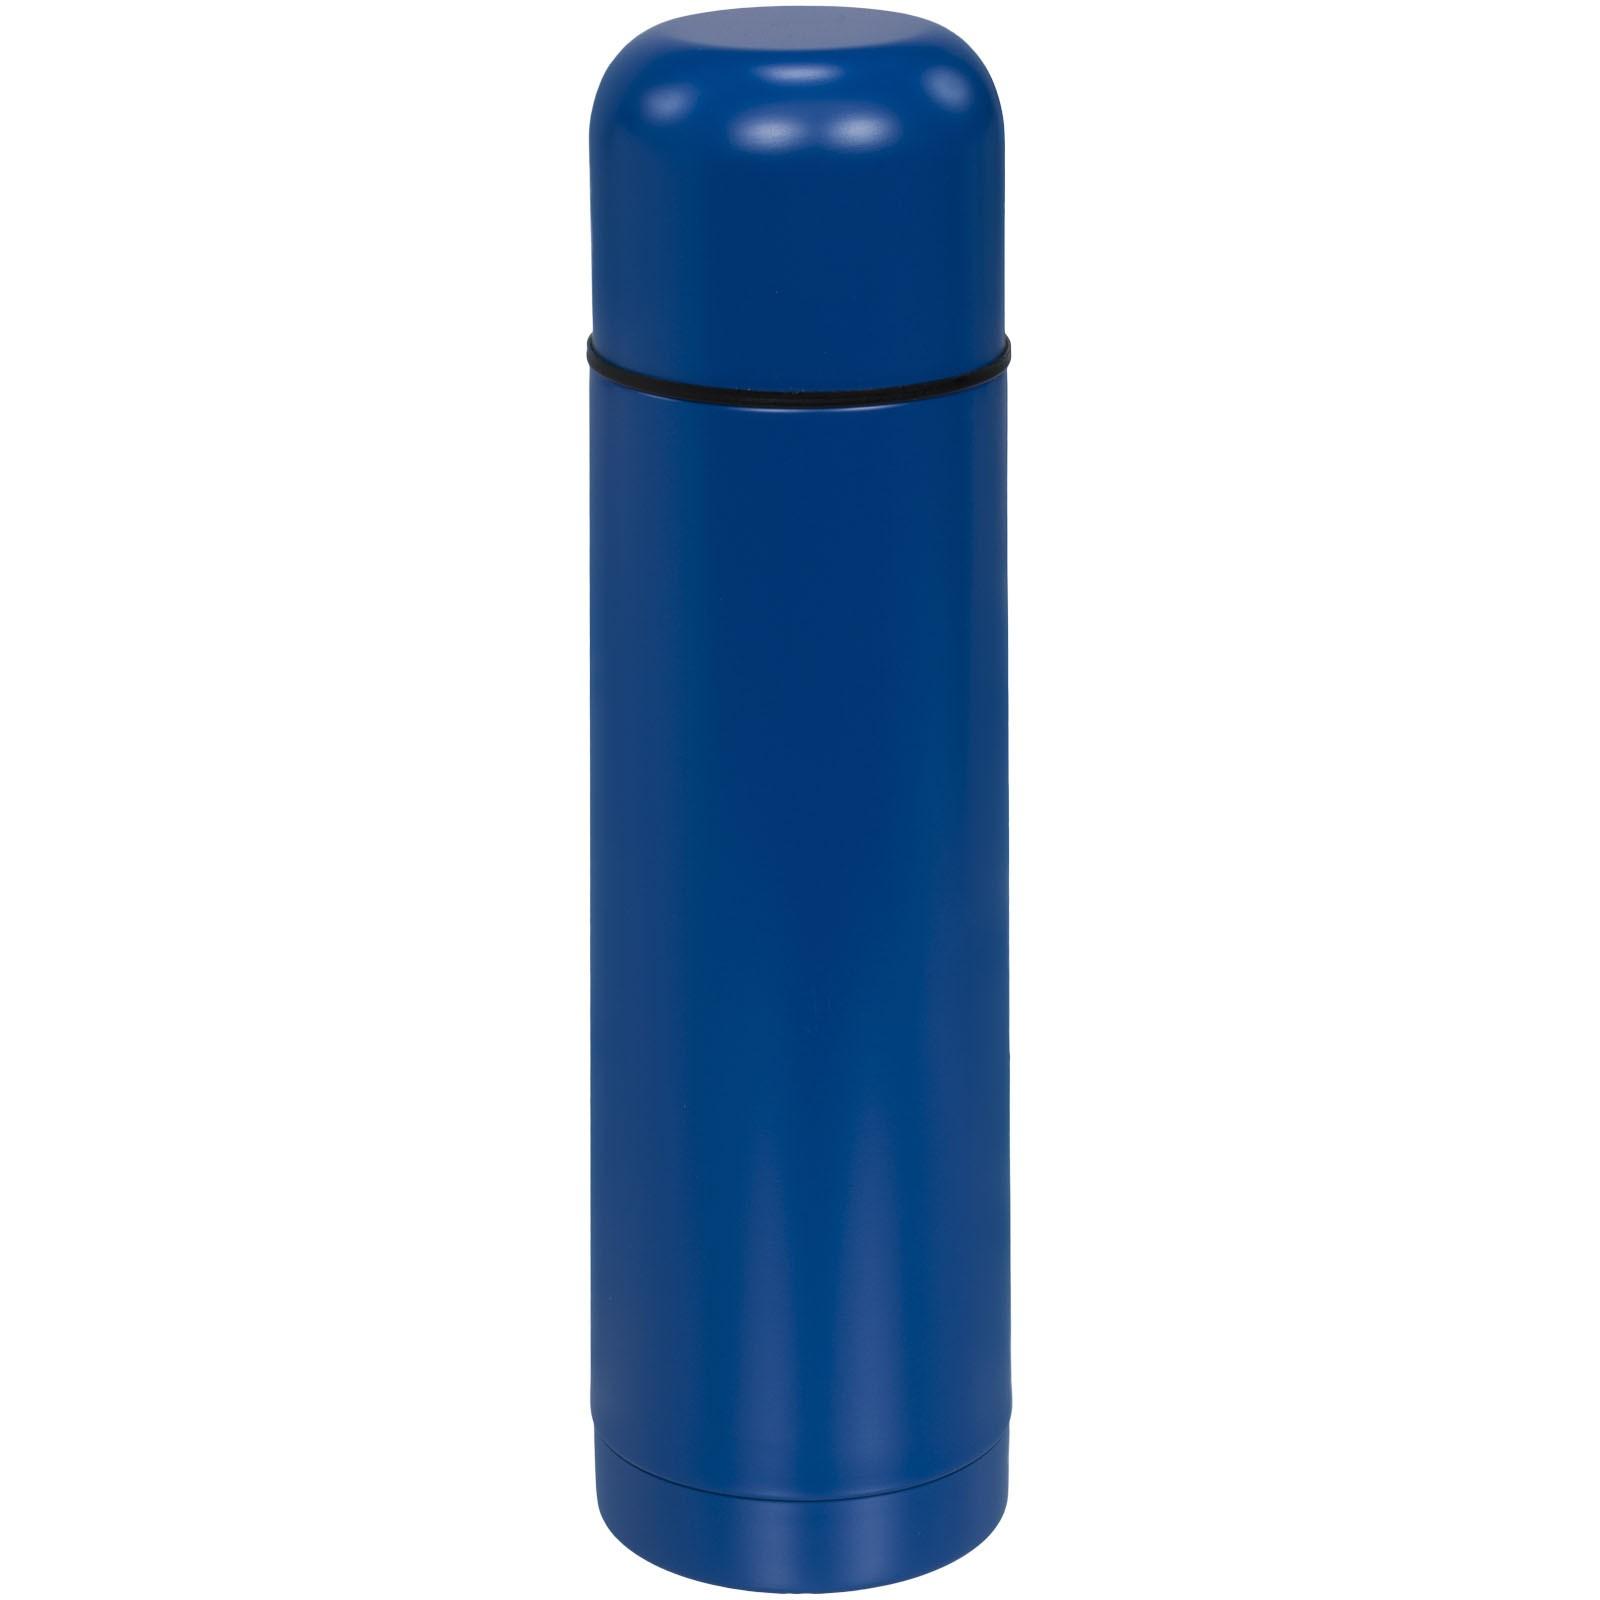 Gallup 500 ml matte Kupfer-Vakuum Isolierflasche - Blau